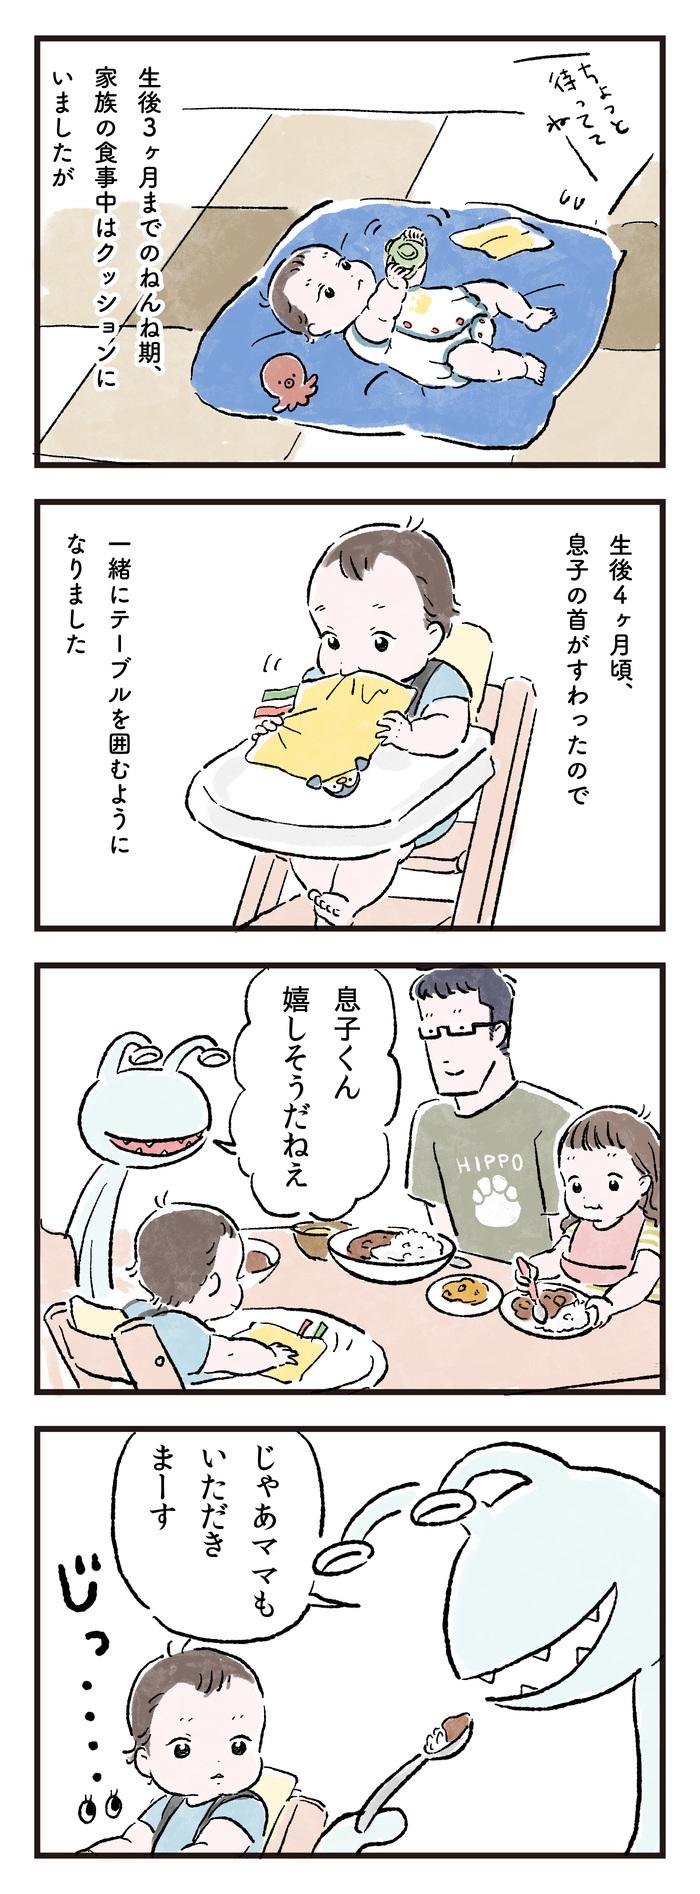 ものすごい見てくるね…!ついに離乳食がスタート。ようこそ家族の食卓へ!の画像1